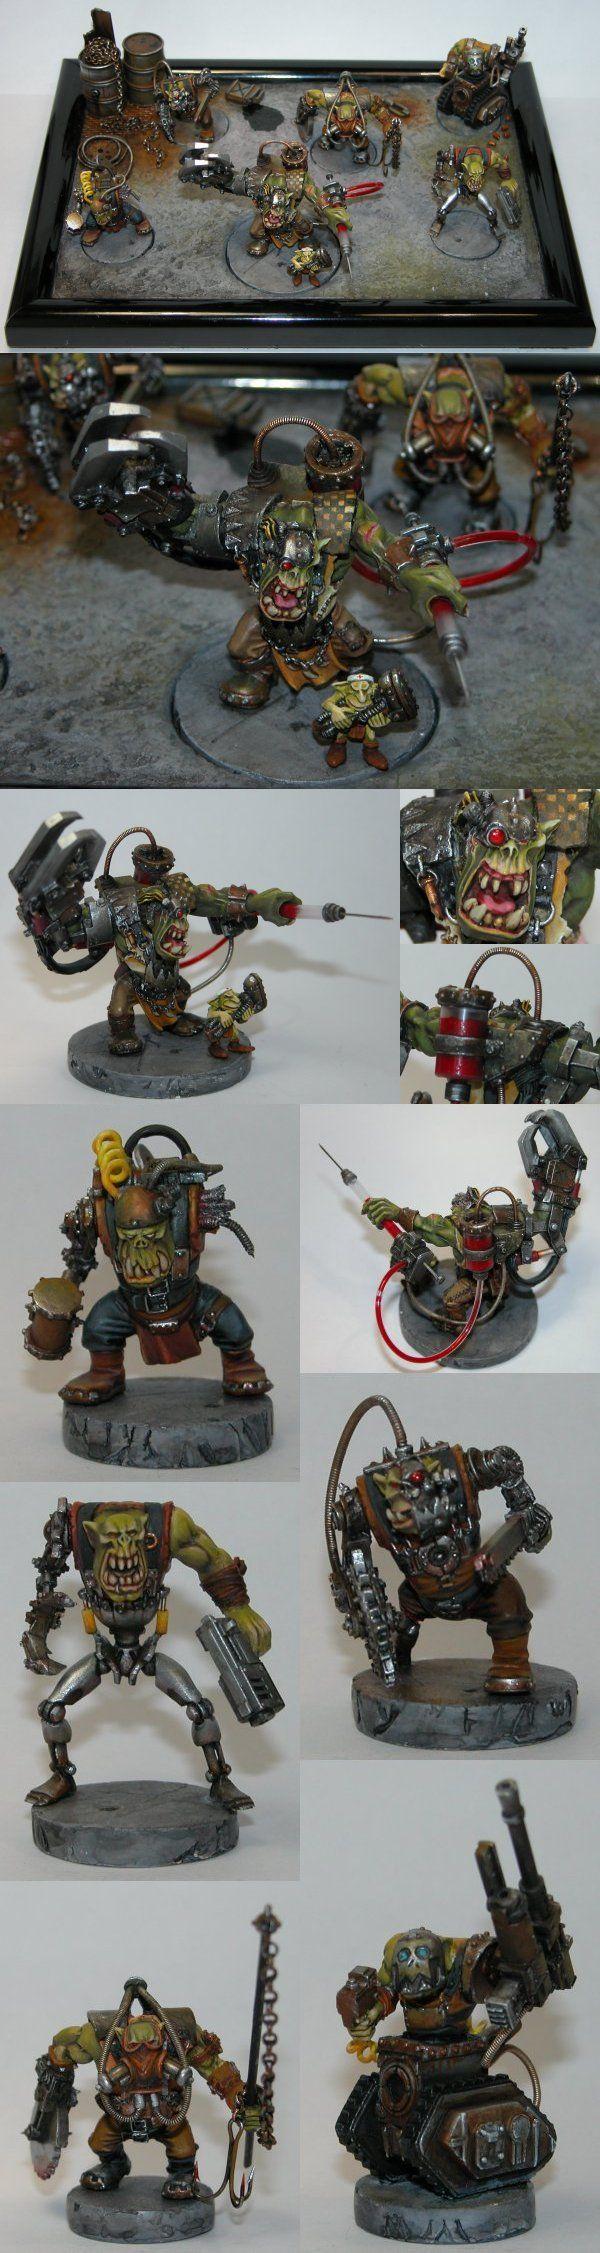 Mad Dok Grospik et ses Cyborks - Orks - 40k